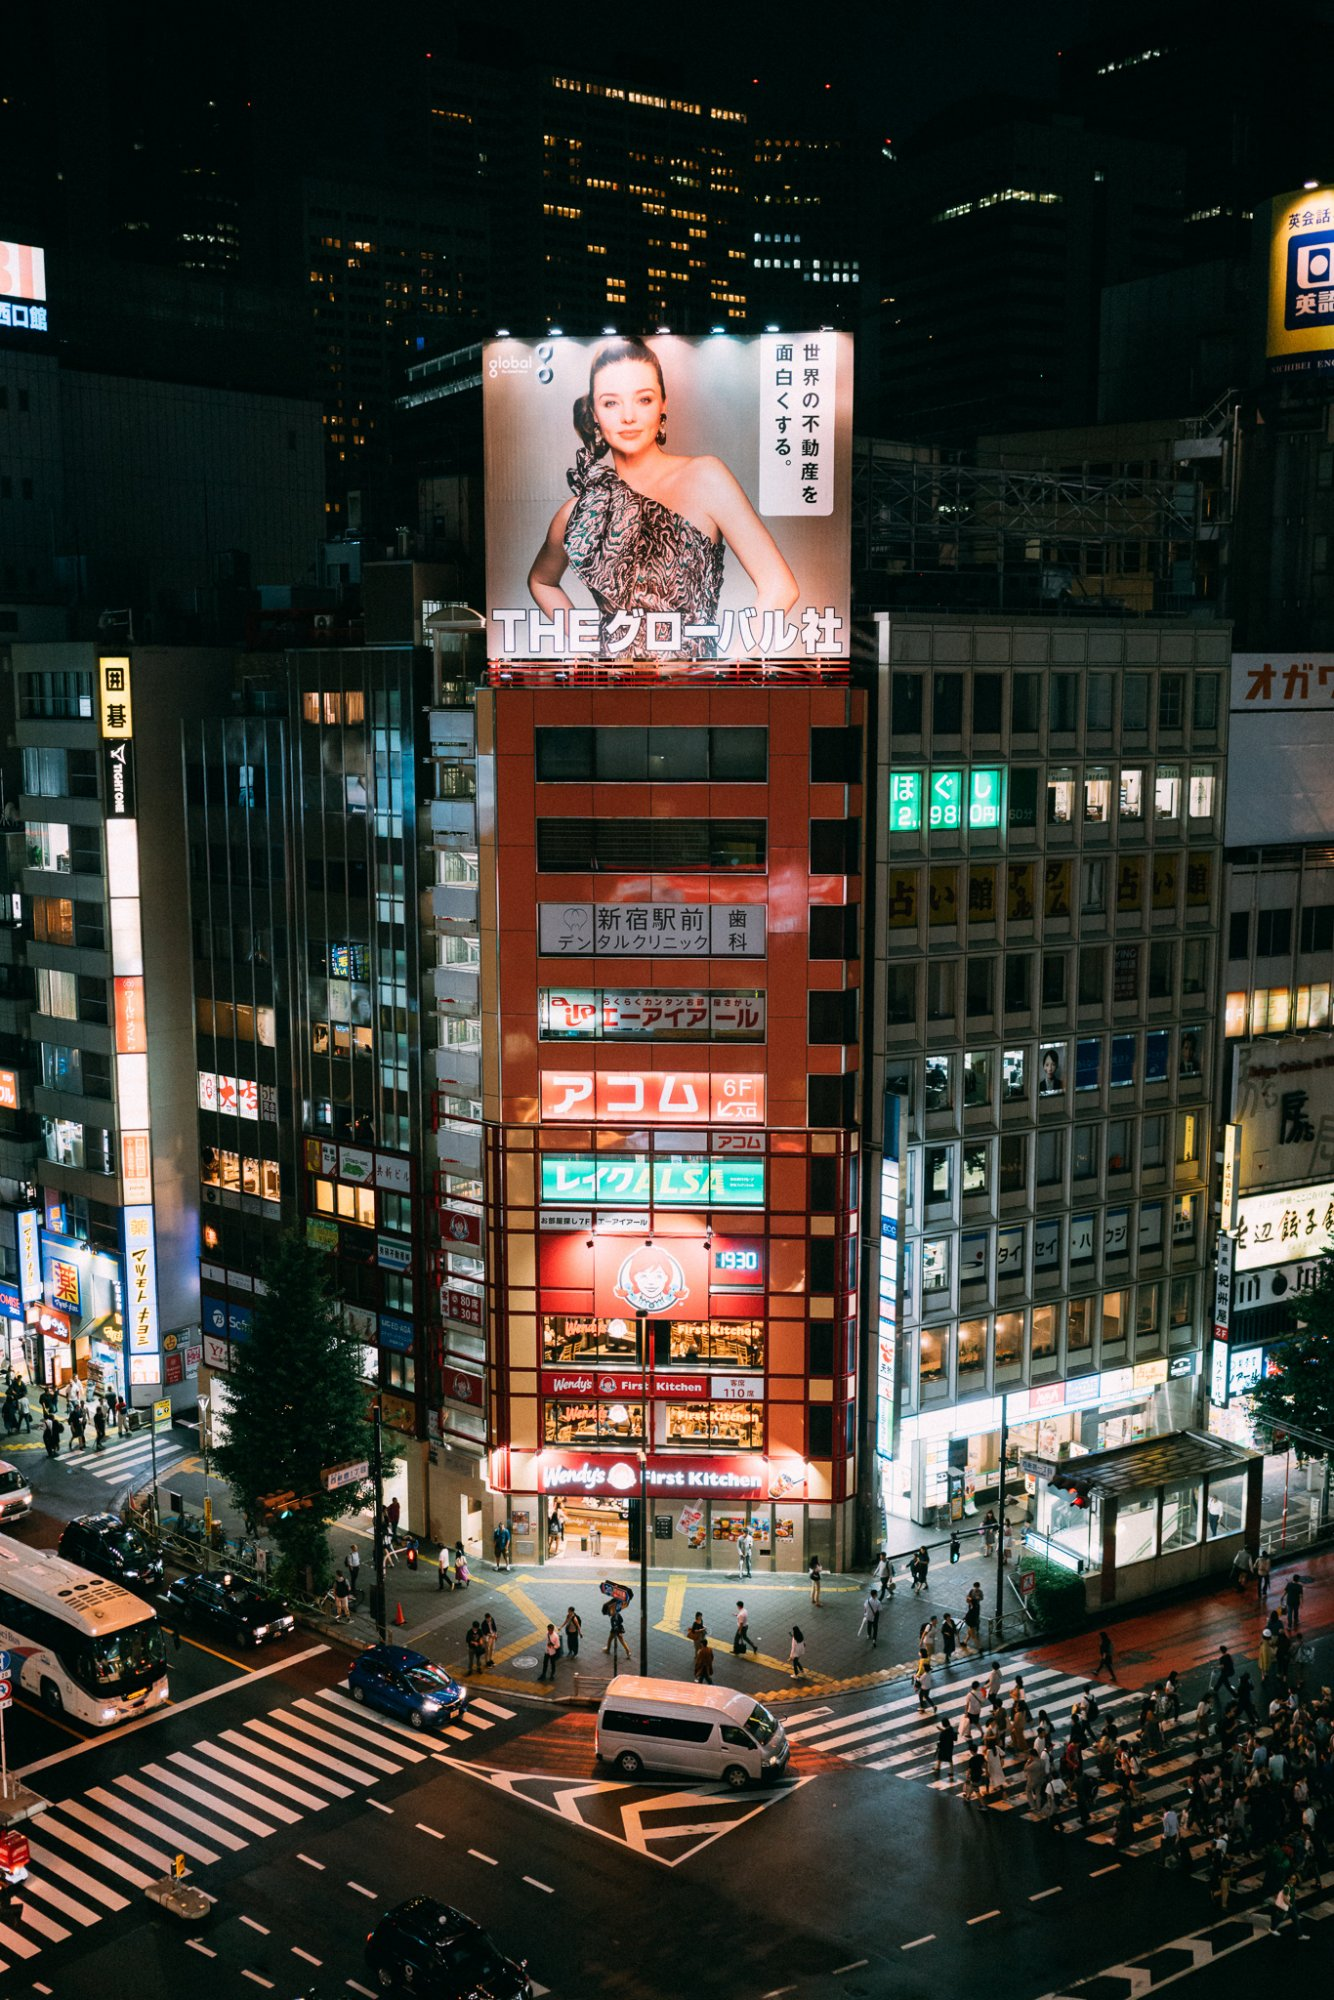 J_Bostwick_-_Nippon_-_20190714_-_JB_05983.jpg